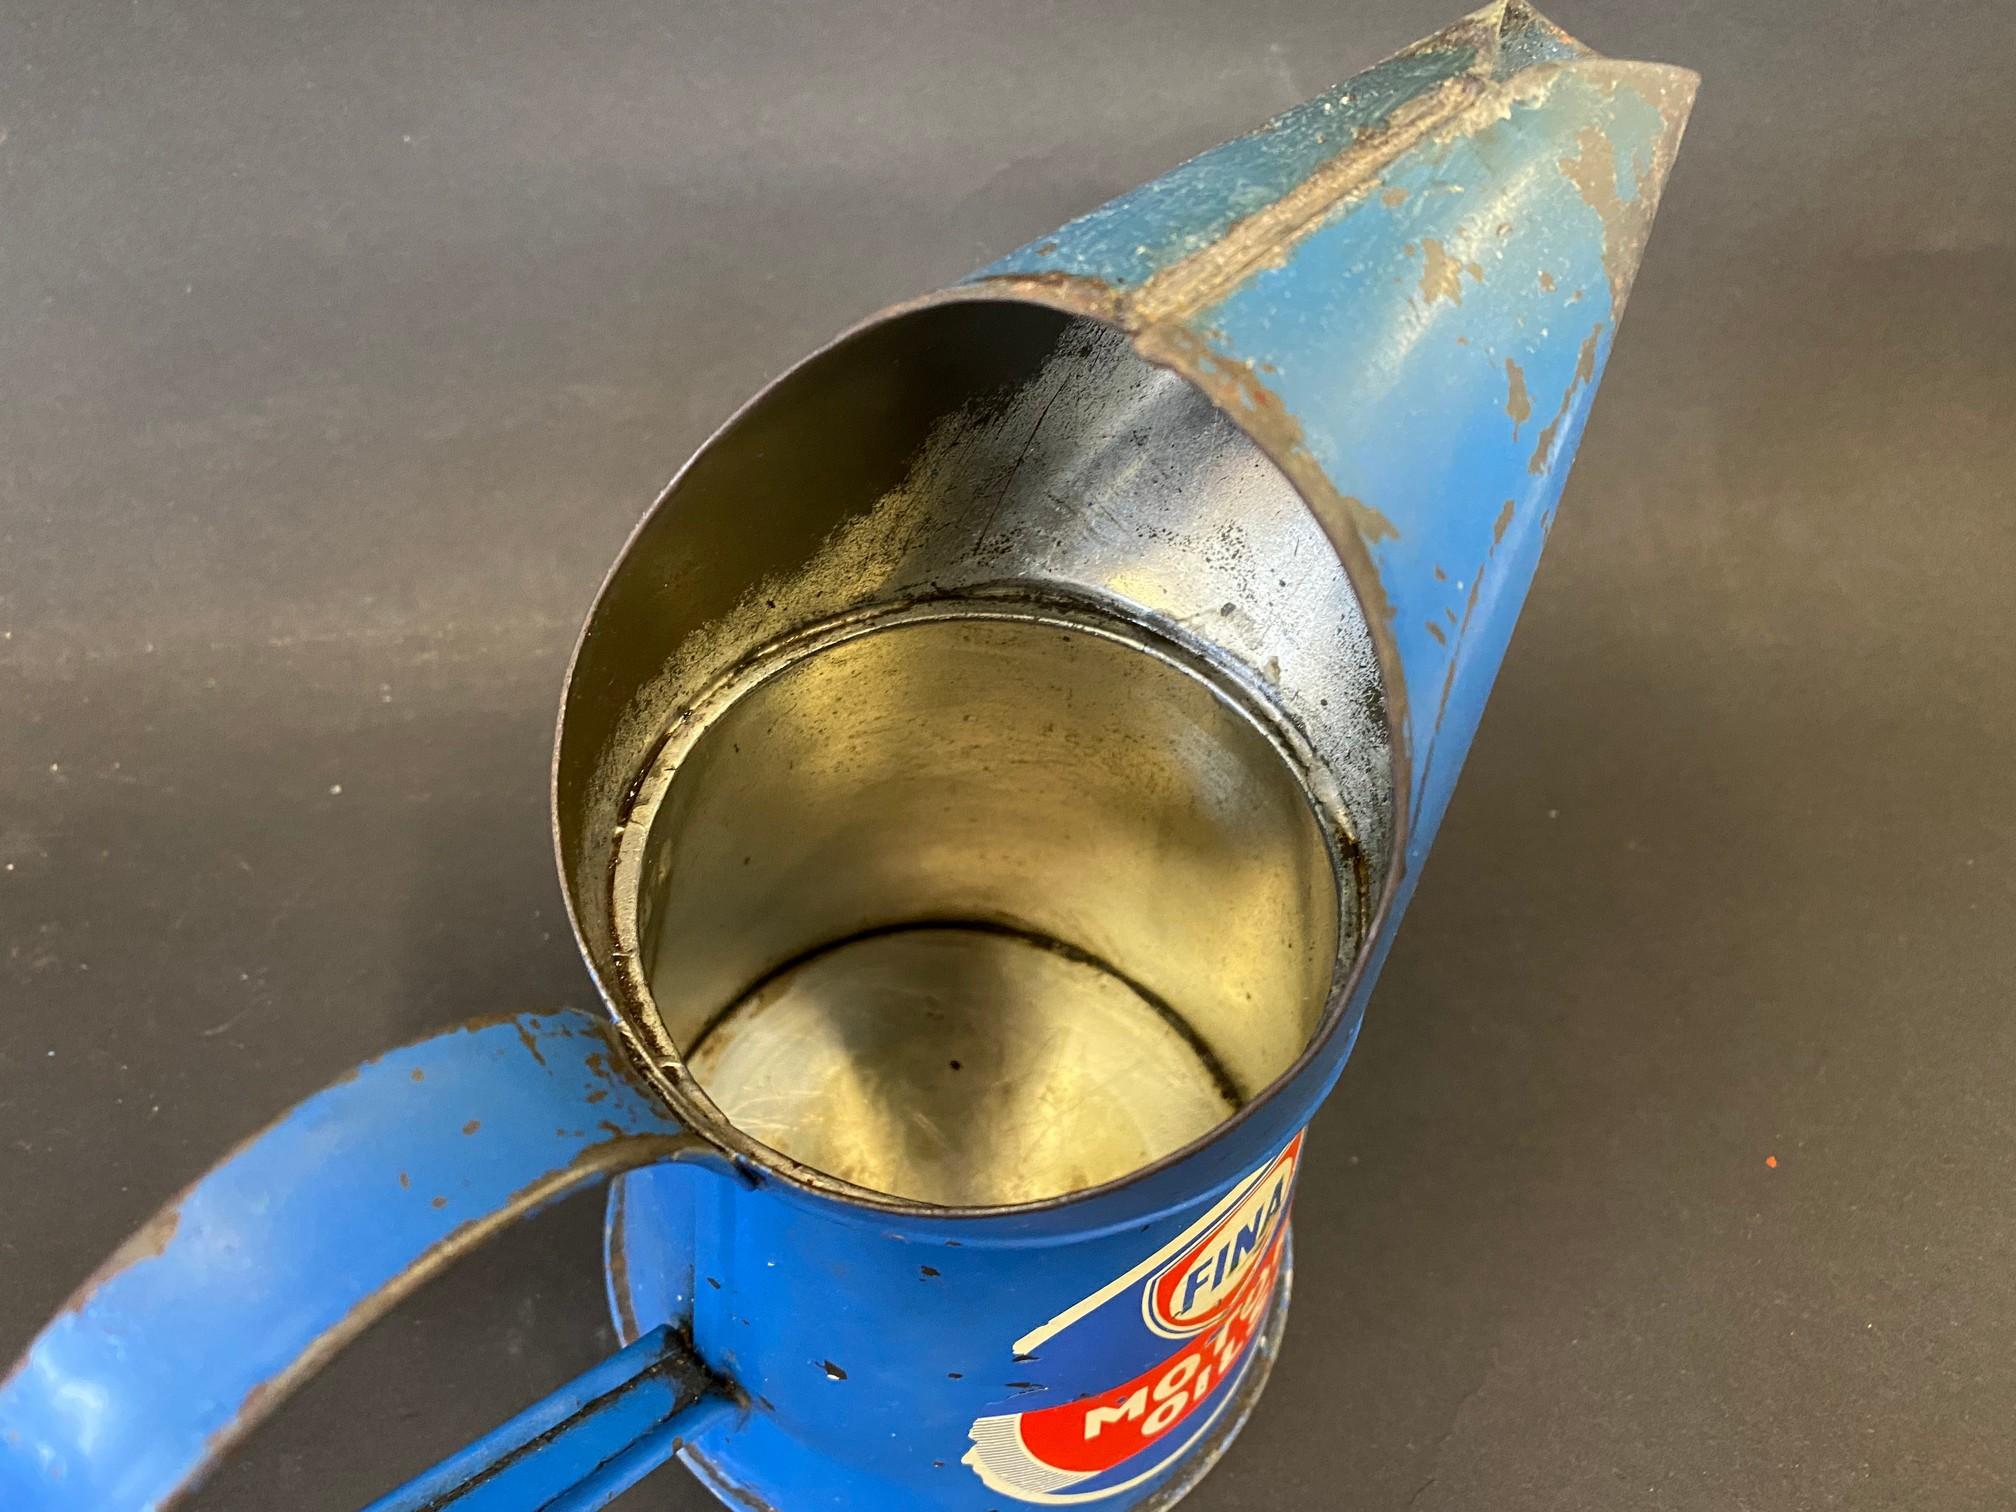 A Fina Motor Oils pint measure. - Image 3 of 4